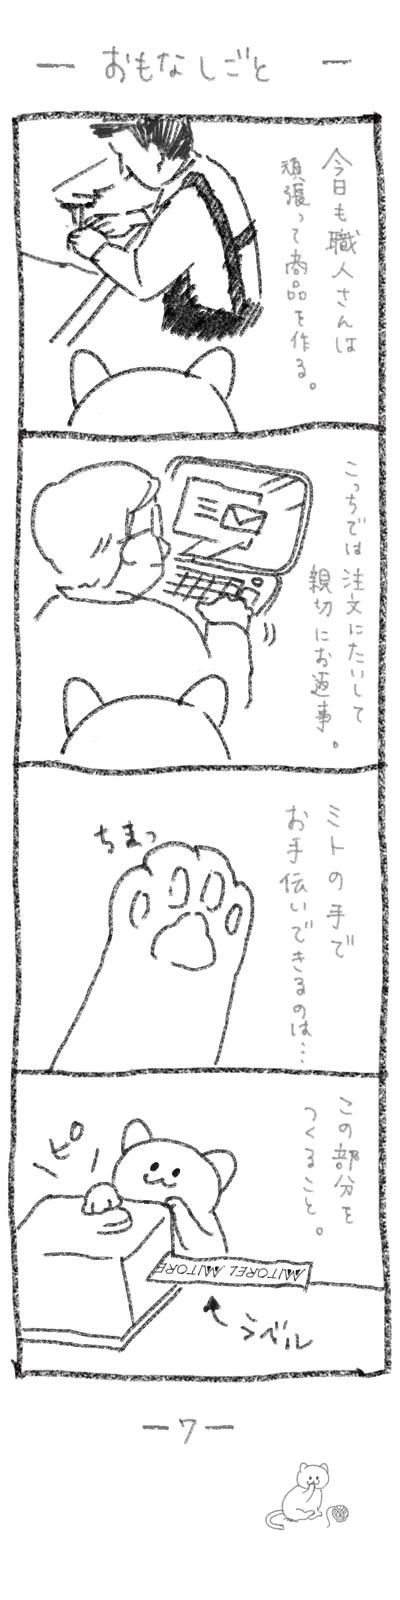 mitomanga_07